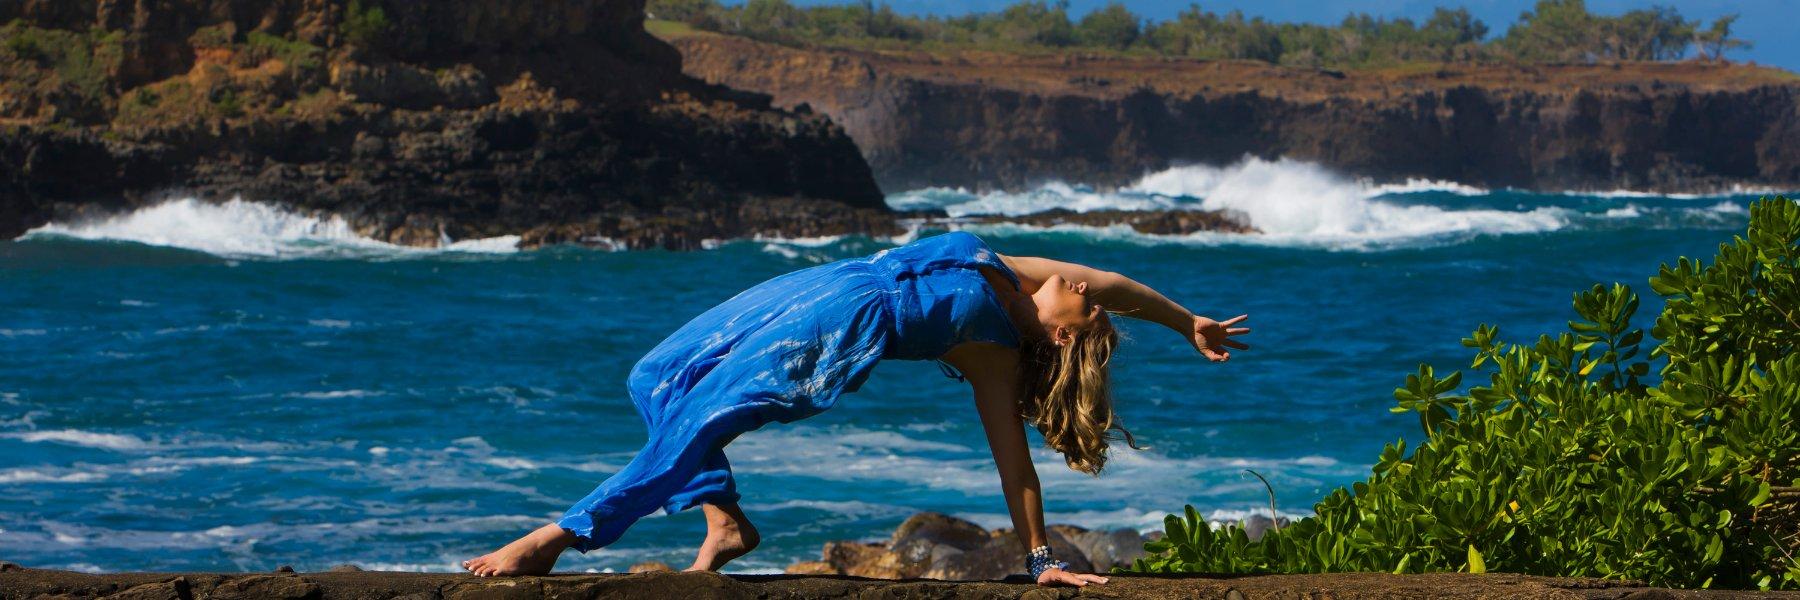 Hot Buddhi Yoga